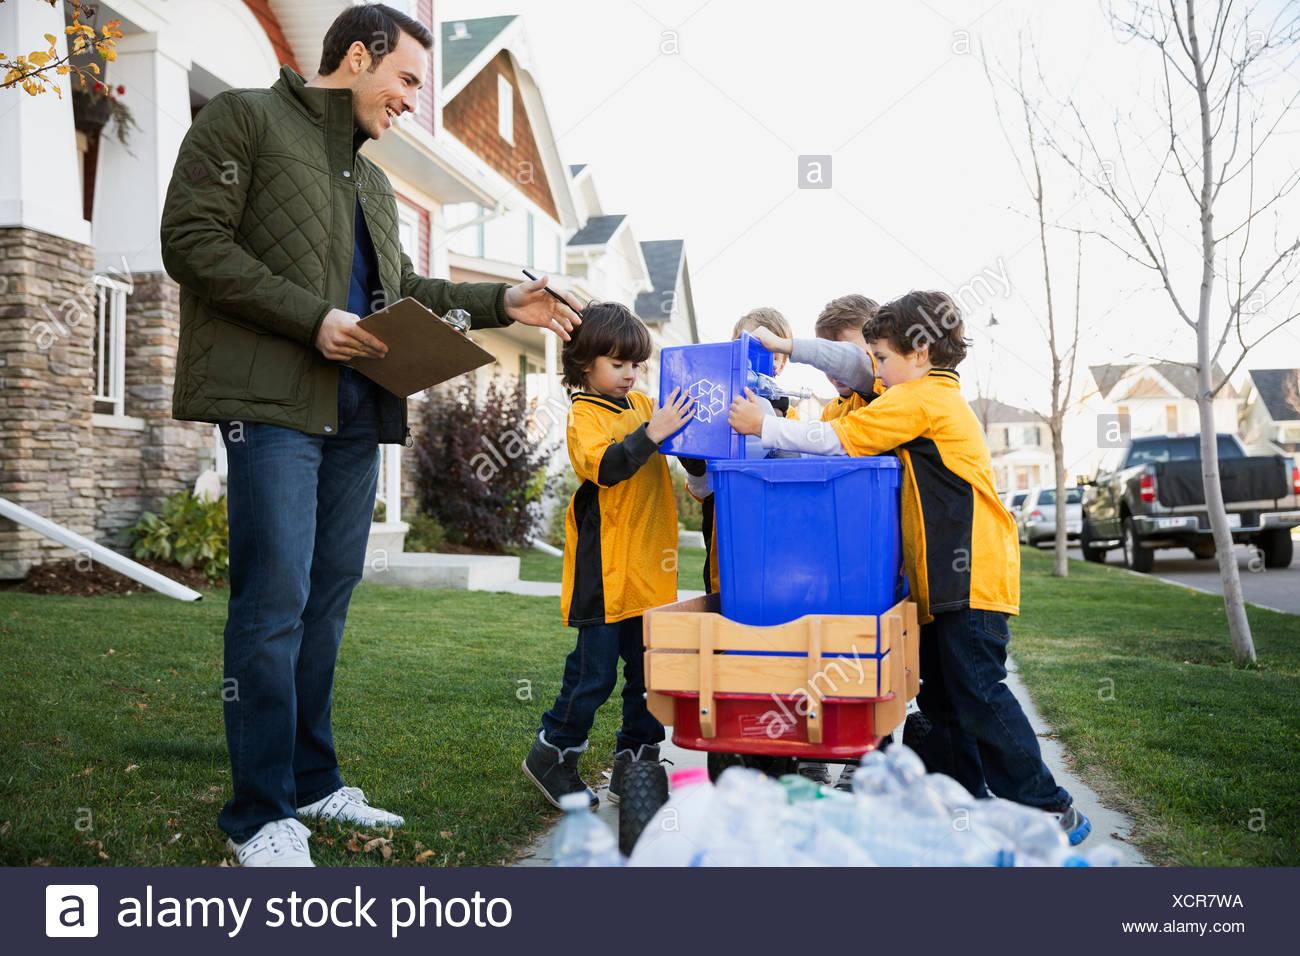 Autobus e i ragazzi del team sportivo raduno quartiere di riciclaggio Immagini Stock